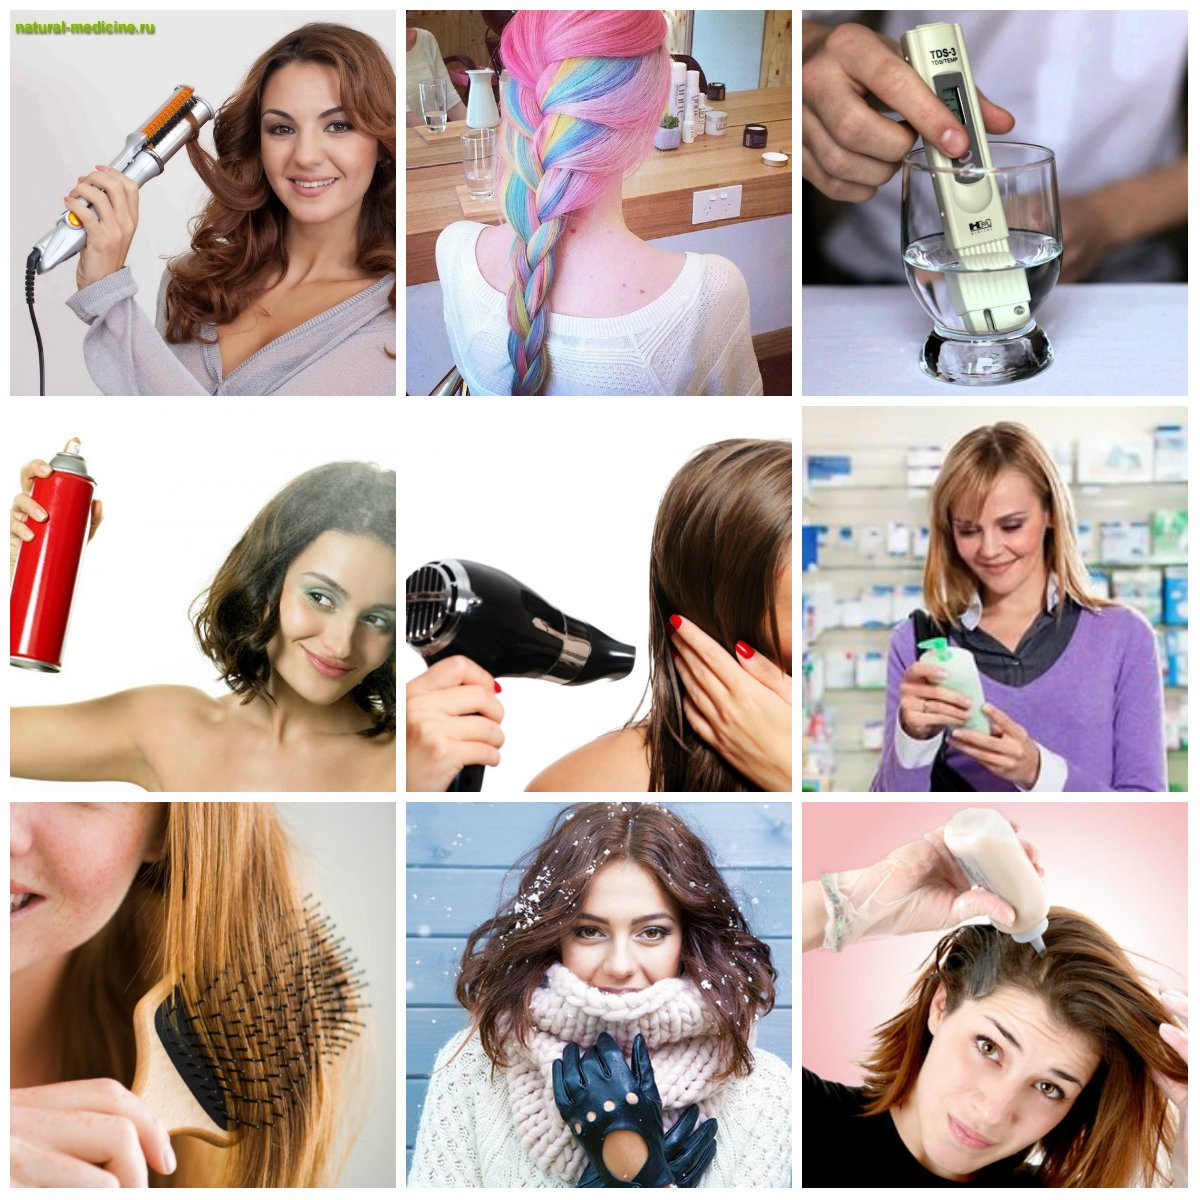 Какие гормоны у женщины влияют на выпадение волос у женщин